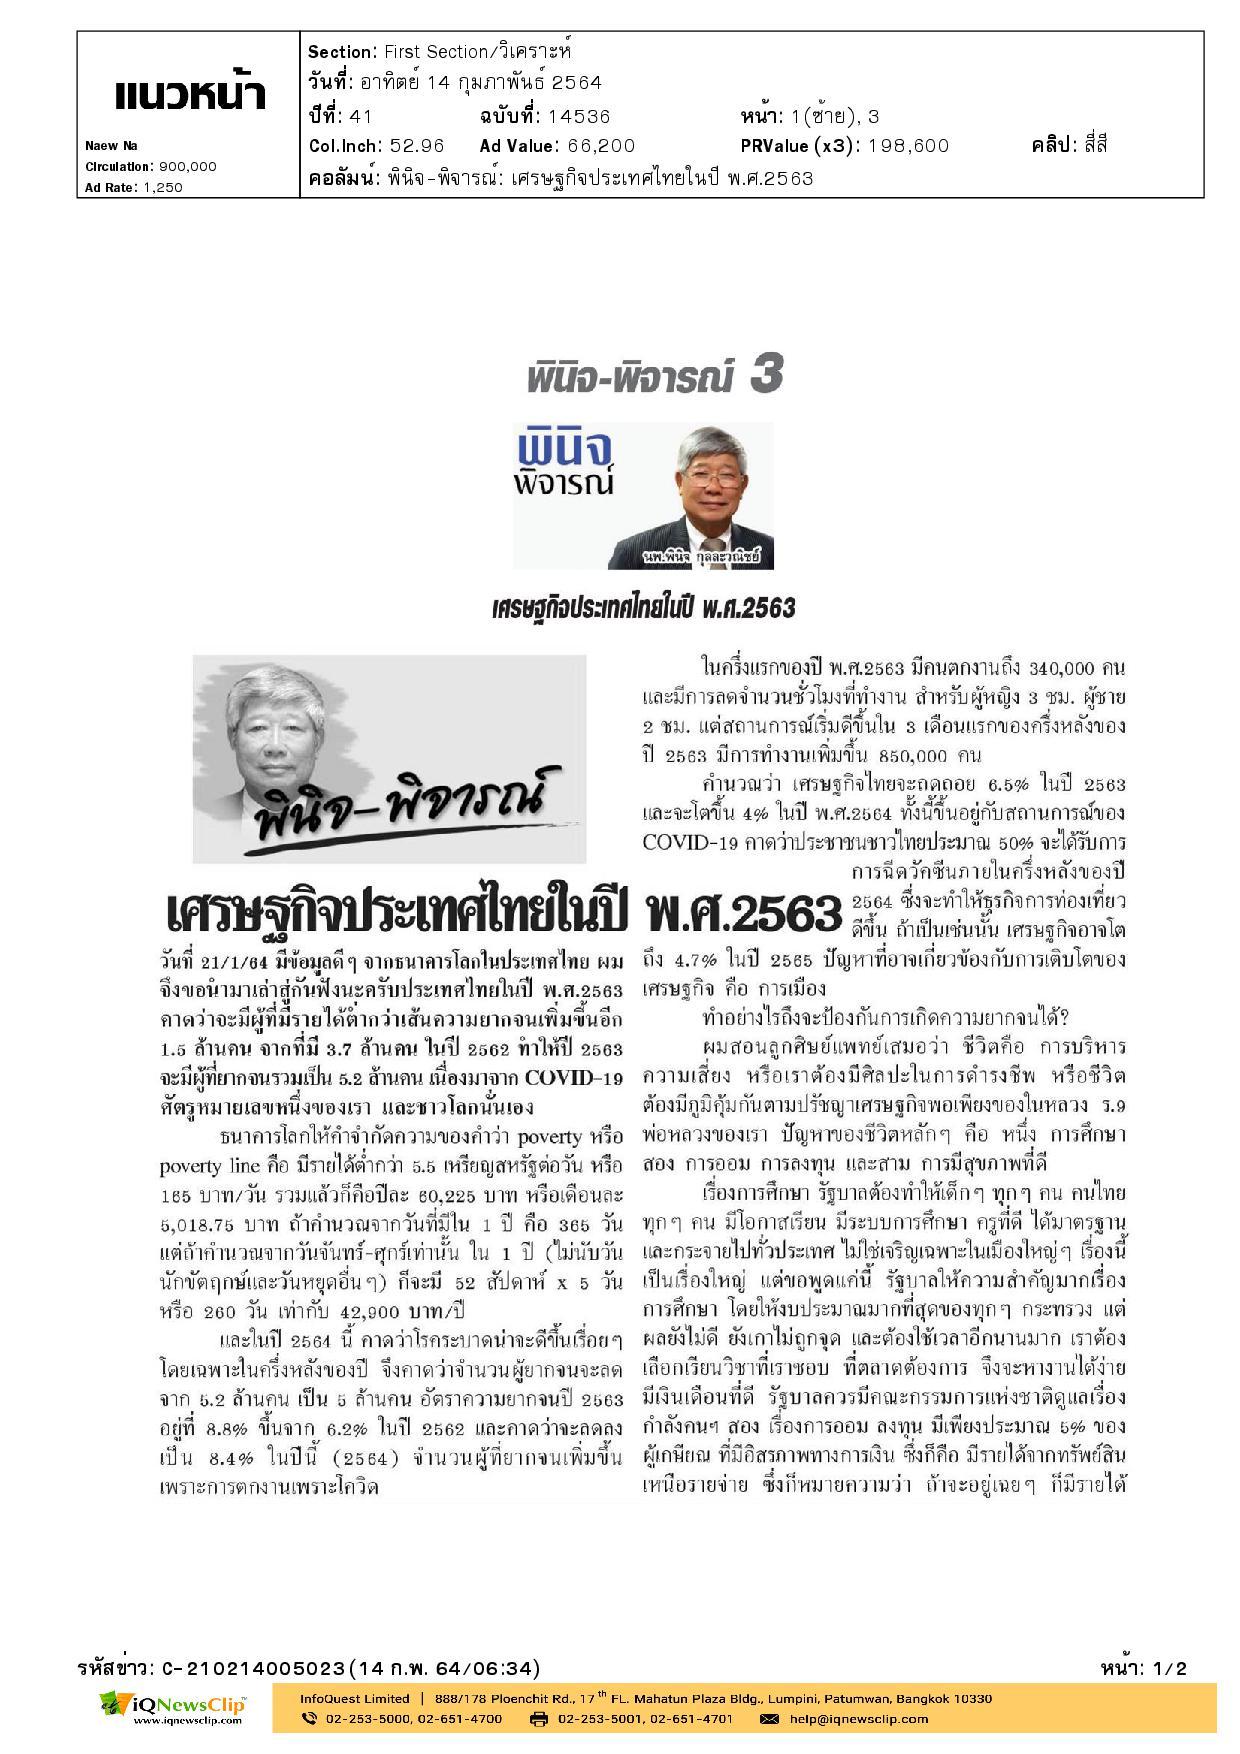 พินิจ-พิจารณ์ เรื่อง เศรษฐกิจประเทศไทยในปี พ.ศ.2563